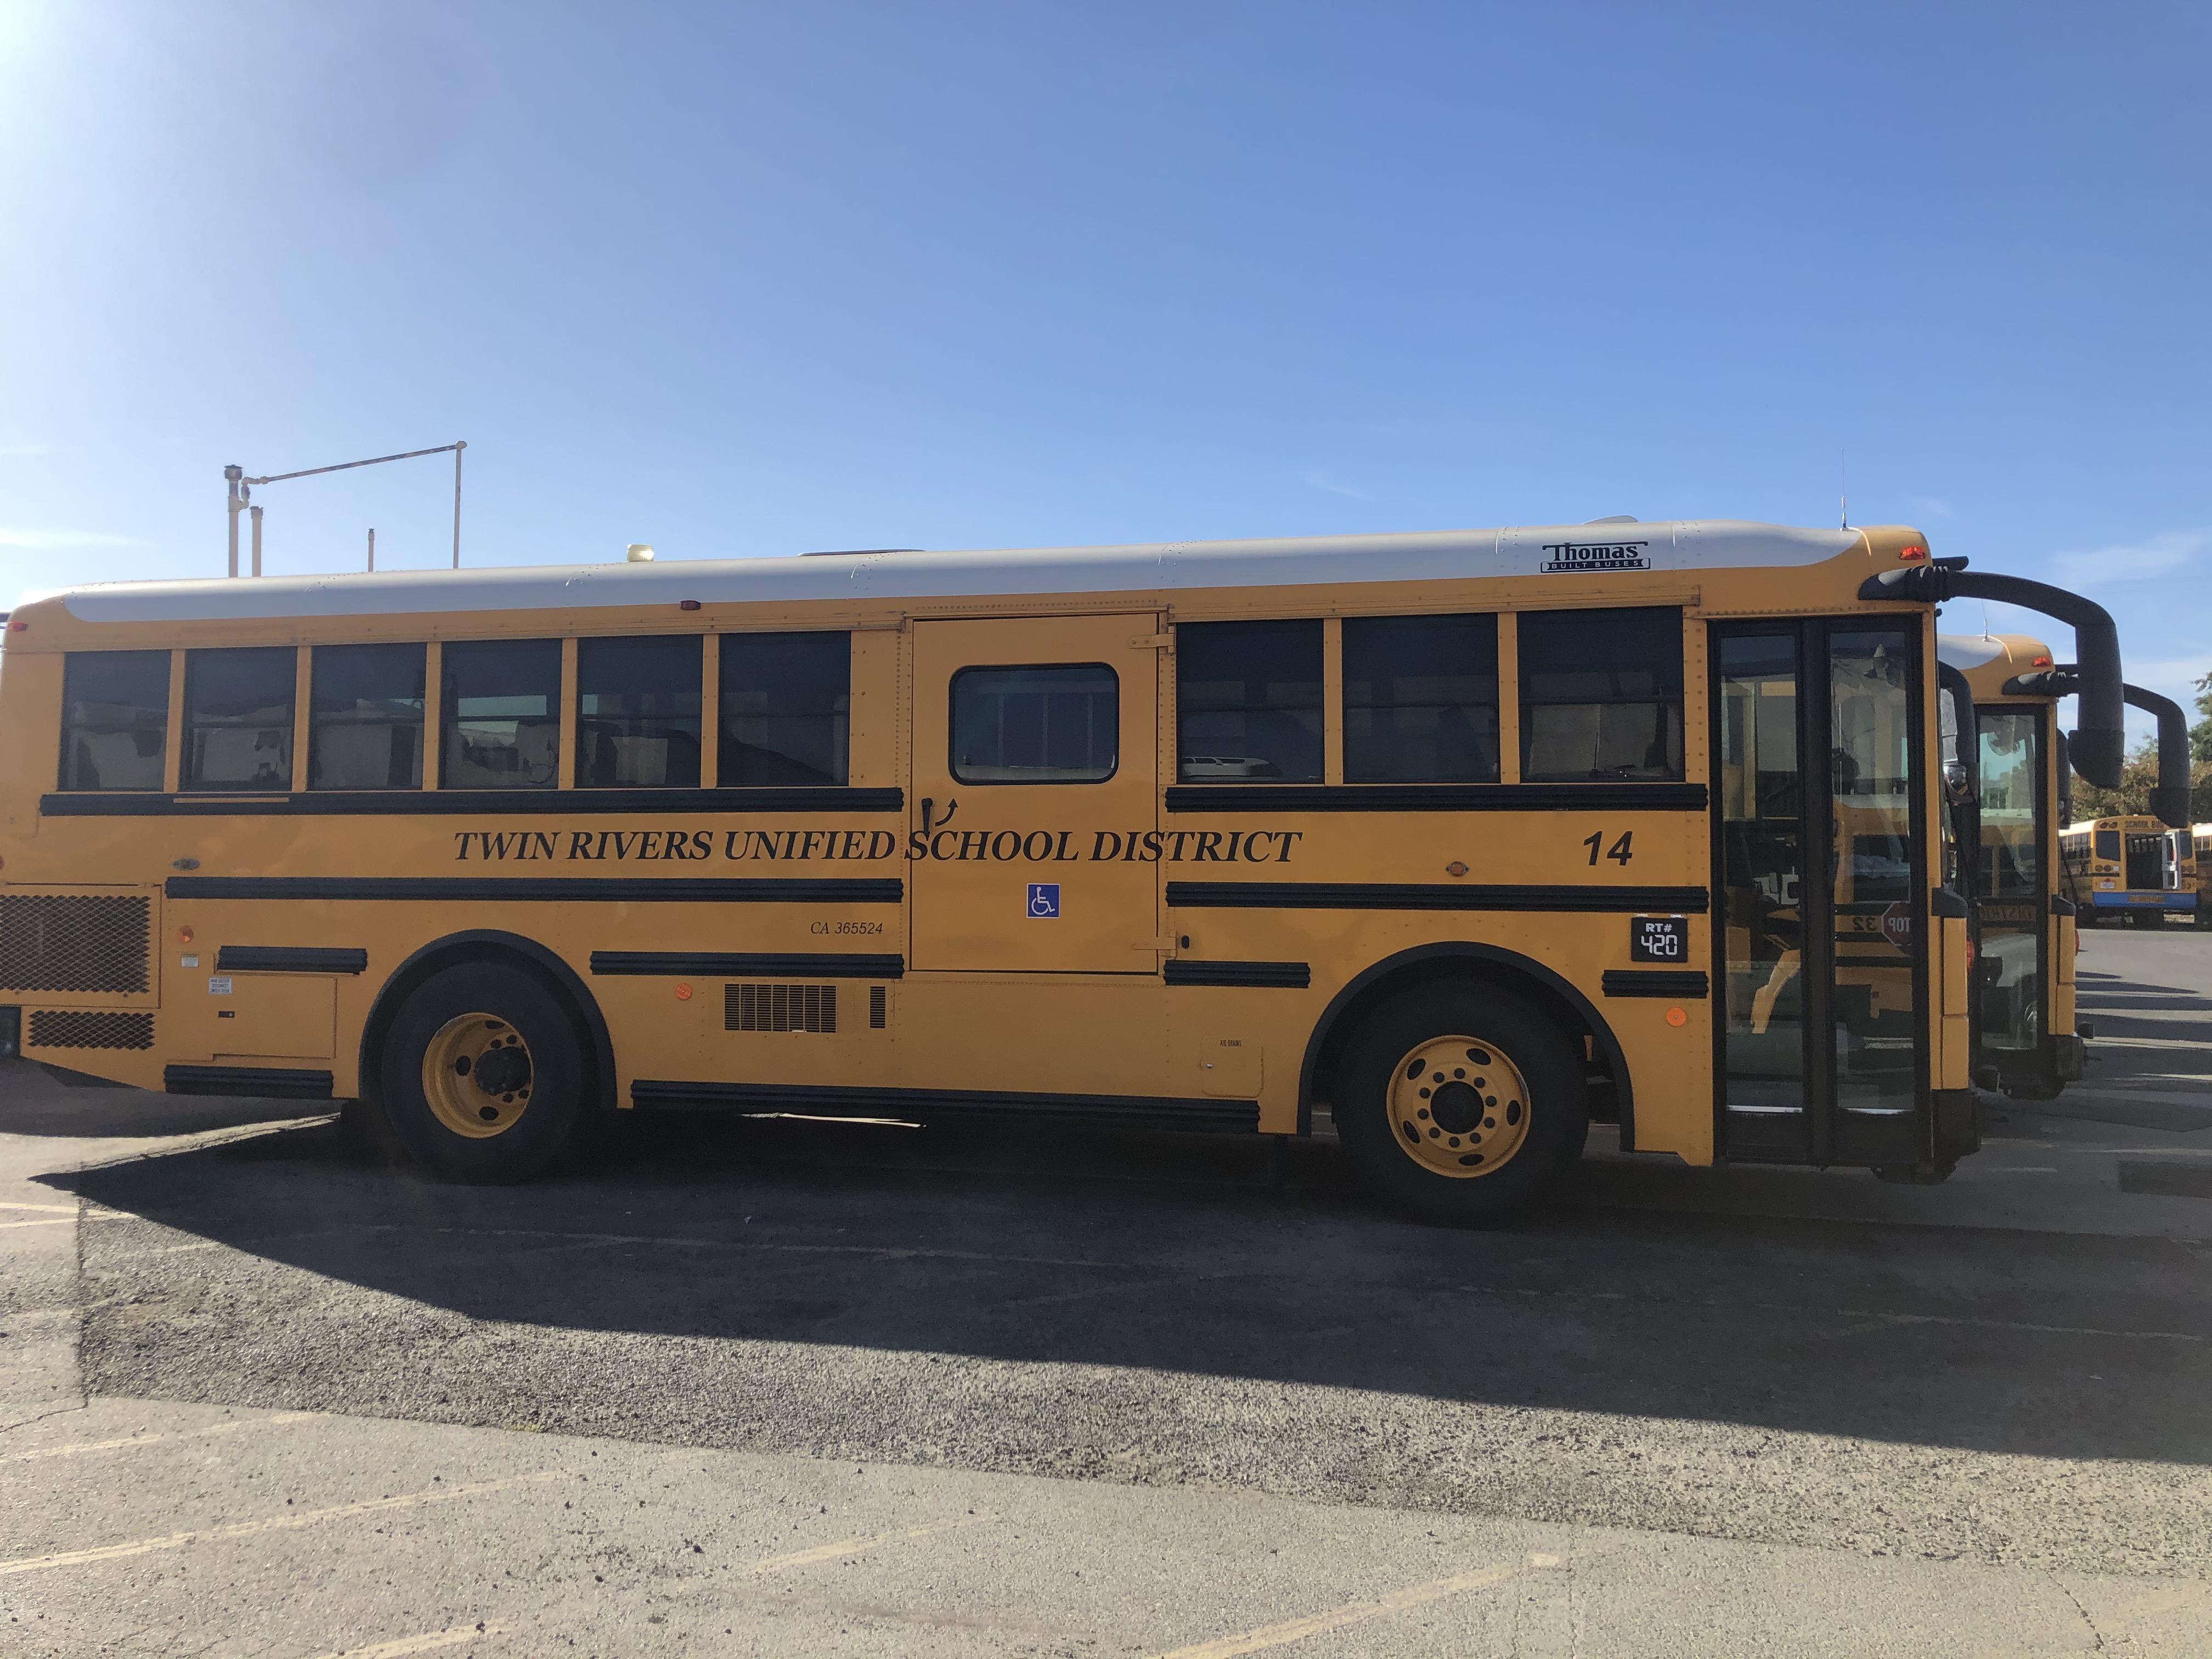 75 school buses now run on low-emission renewable diesel